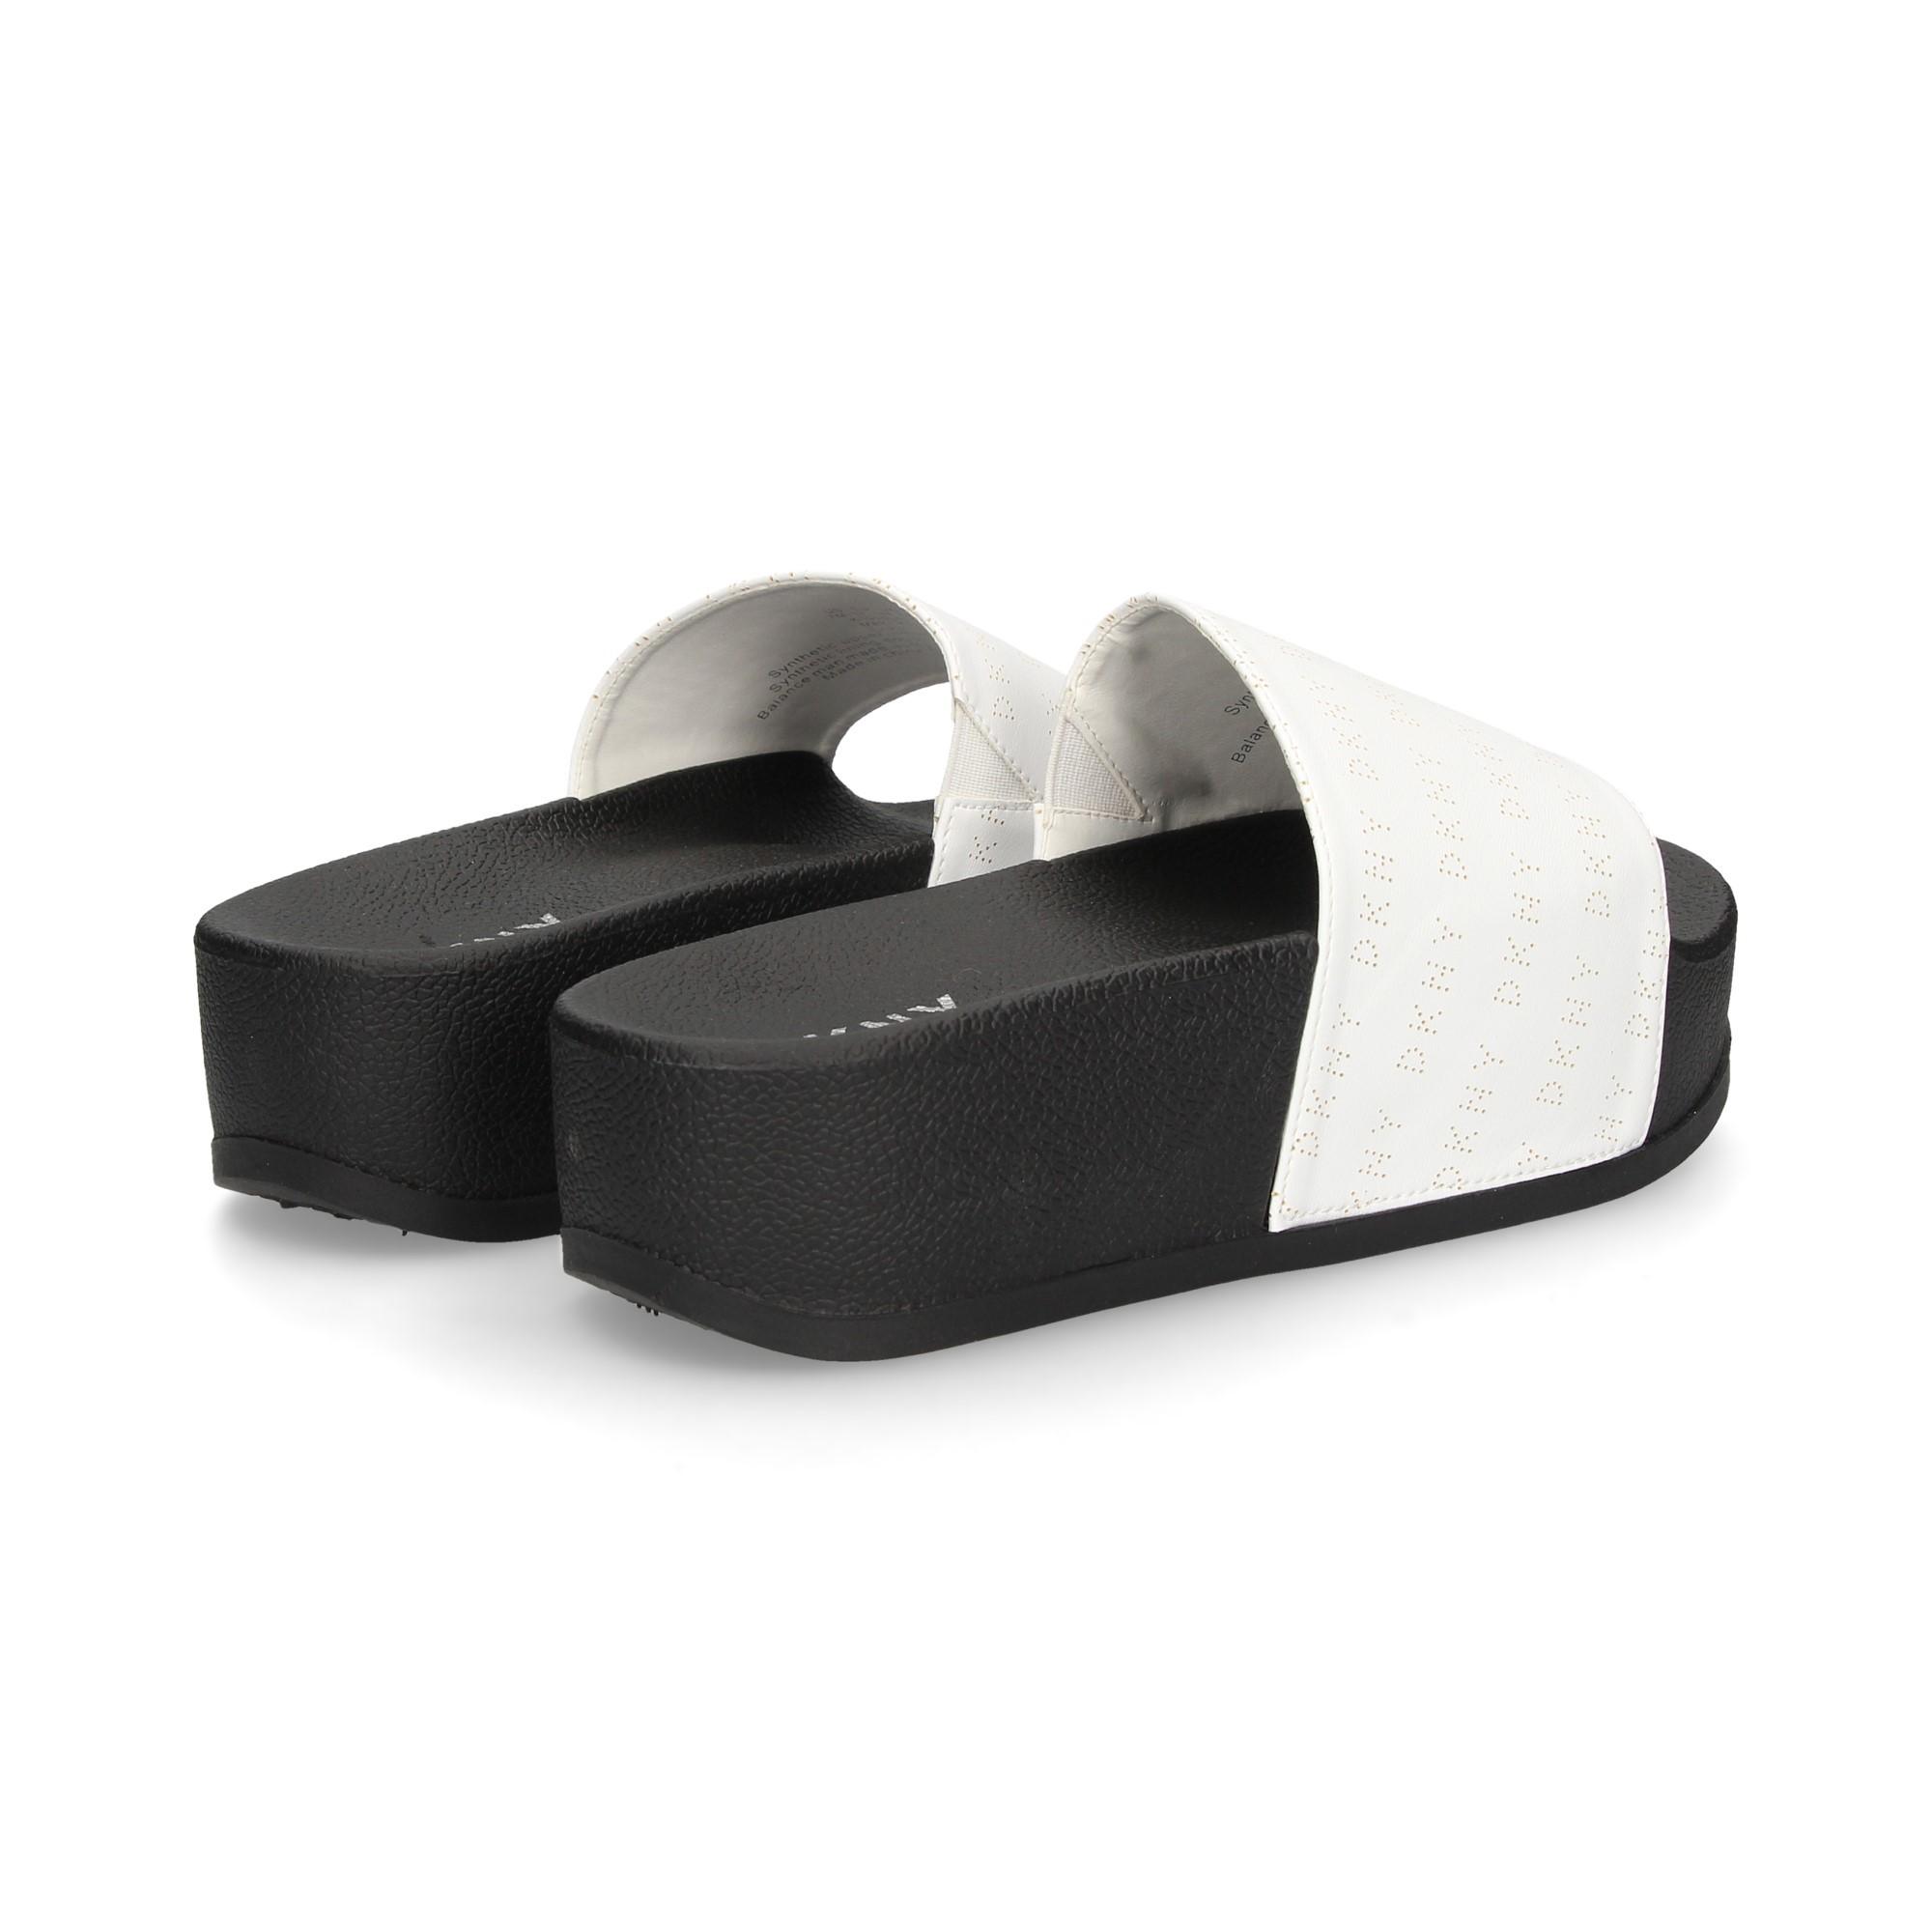 logo-chopped-white-leather-platform